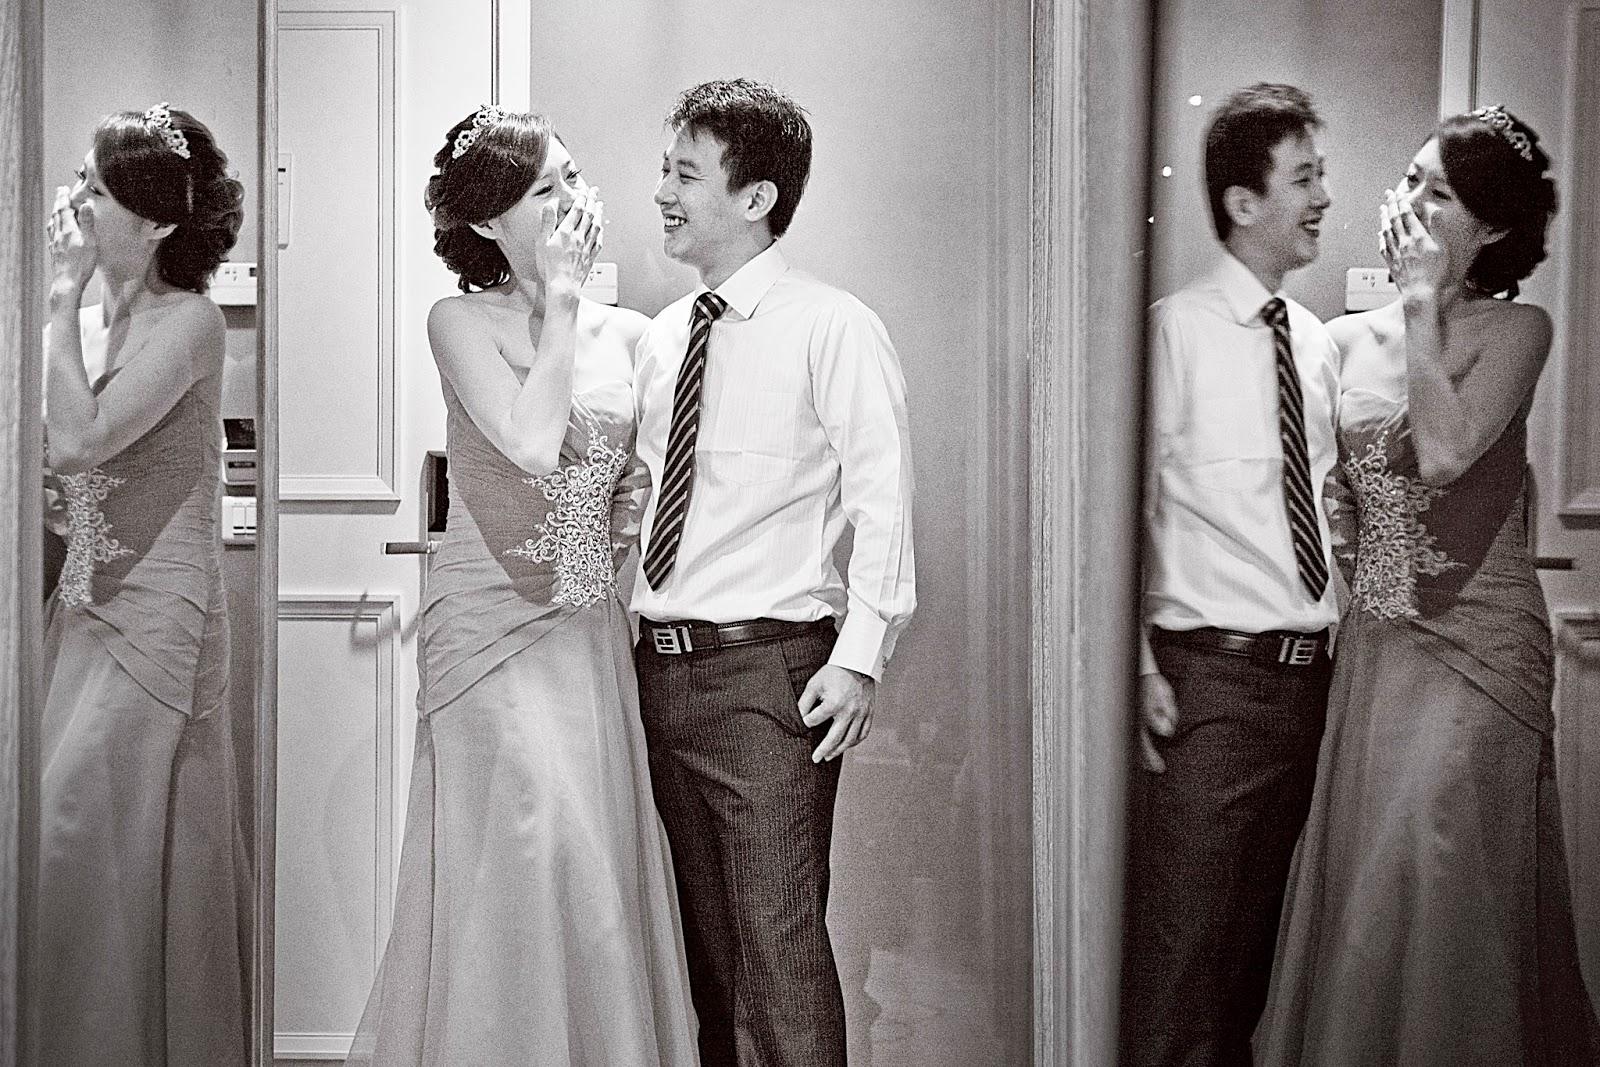 婚禮報名建議得獎台灣之光新娘物語風雲二十婚禮攝影師入圍